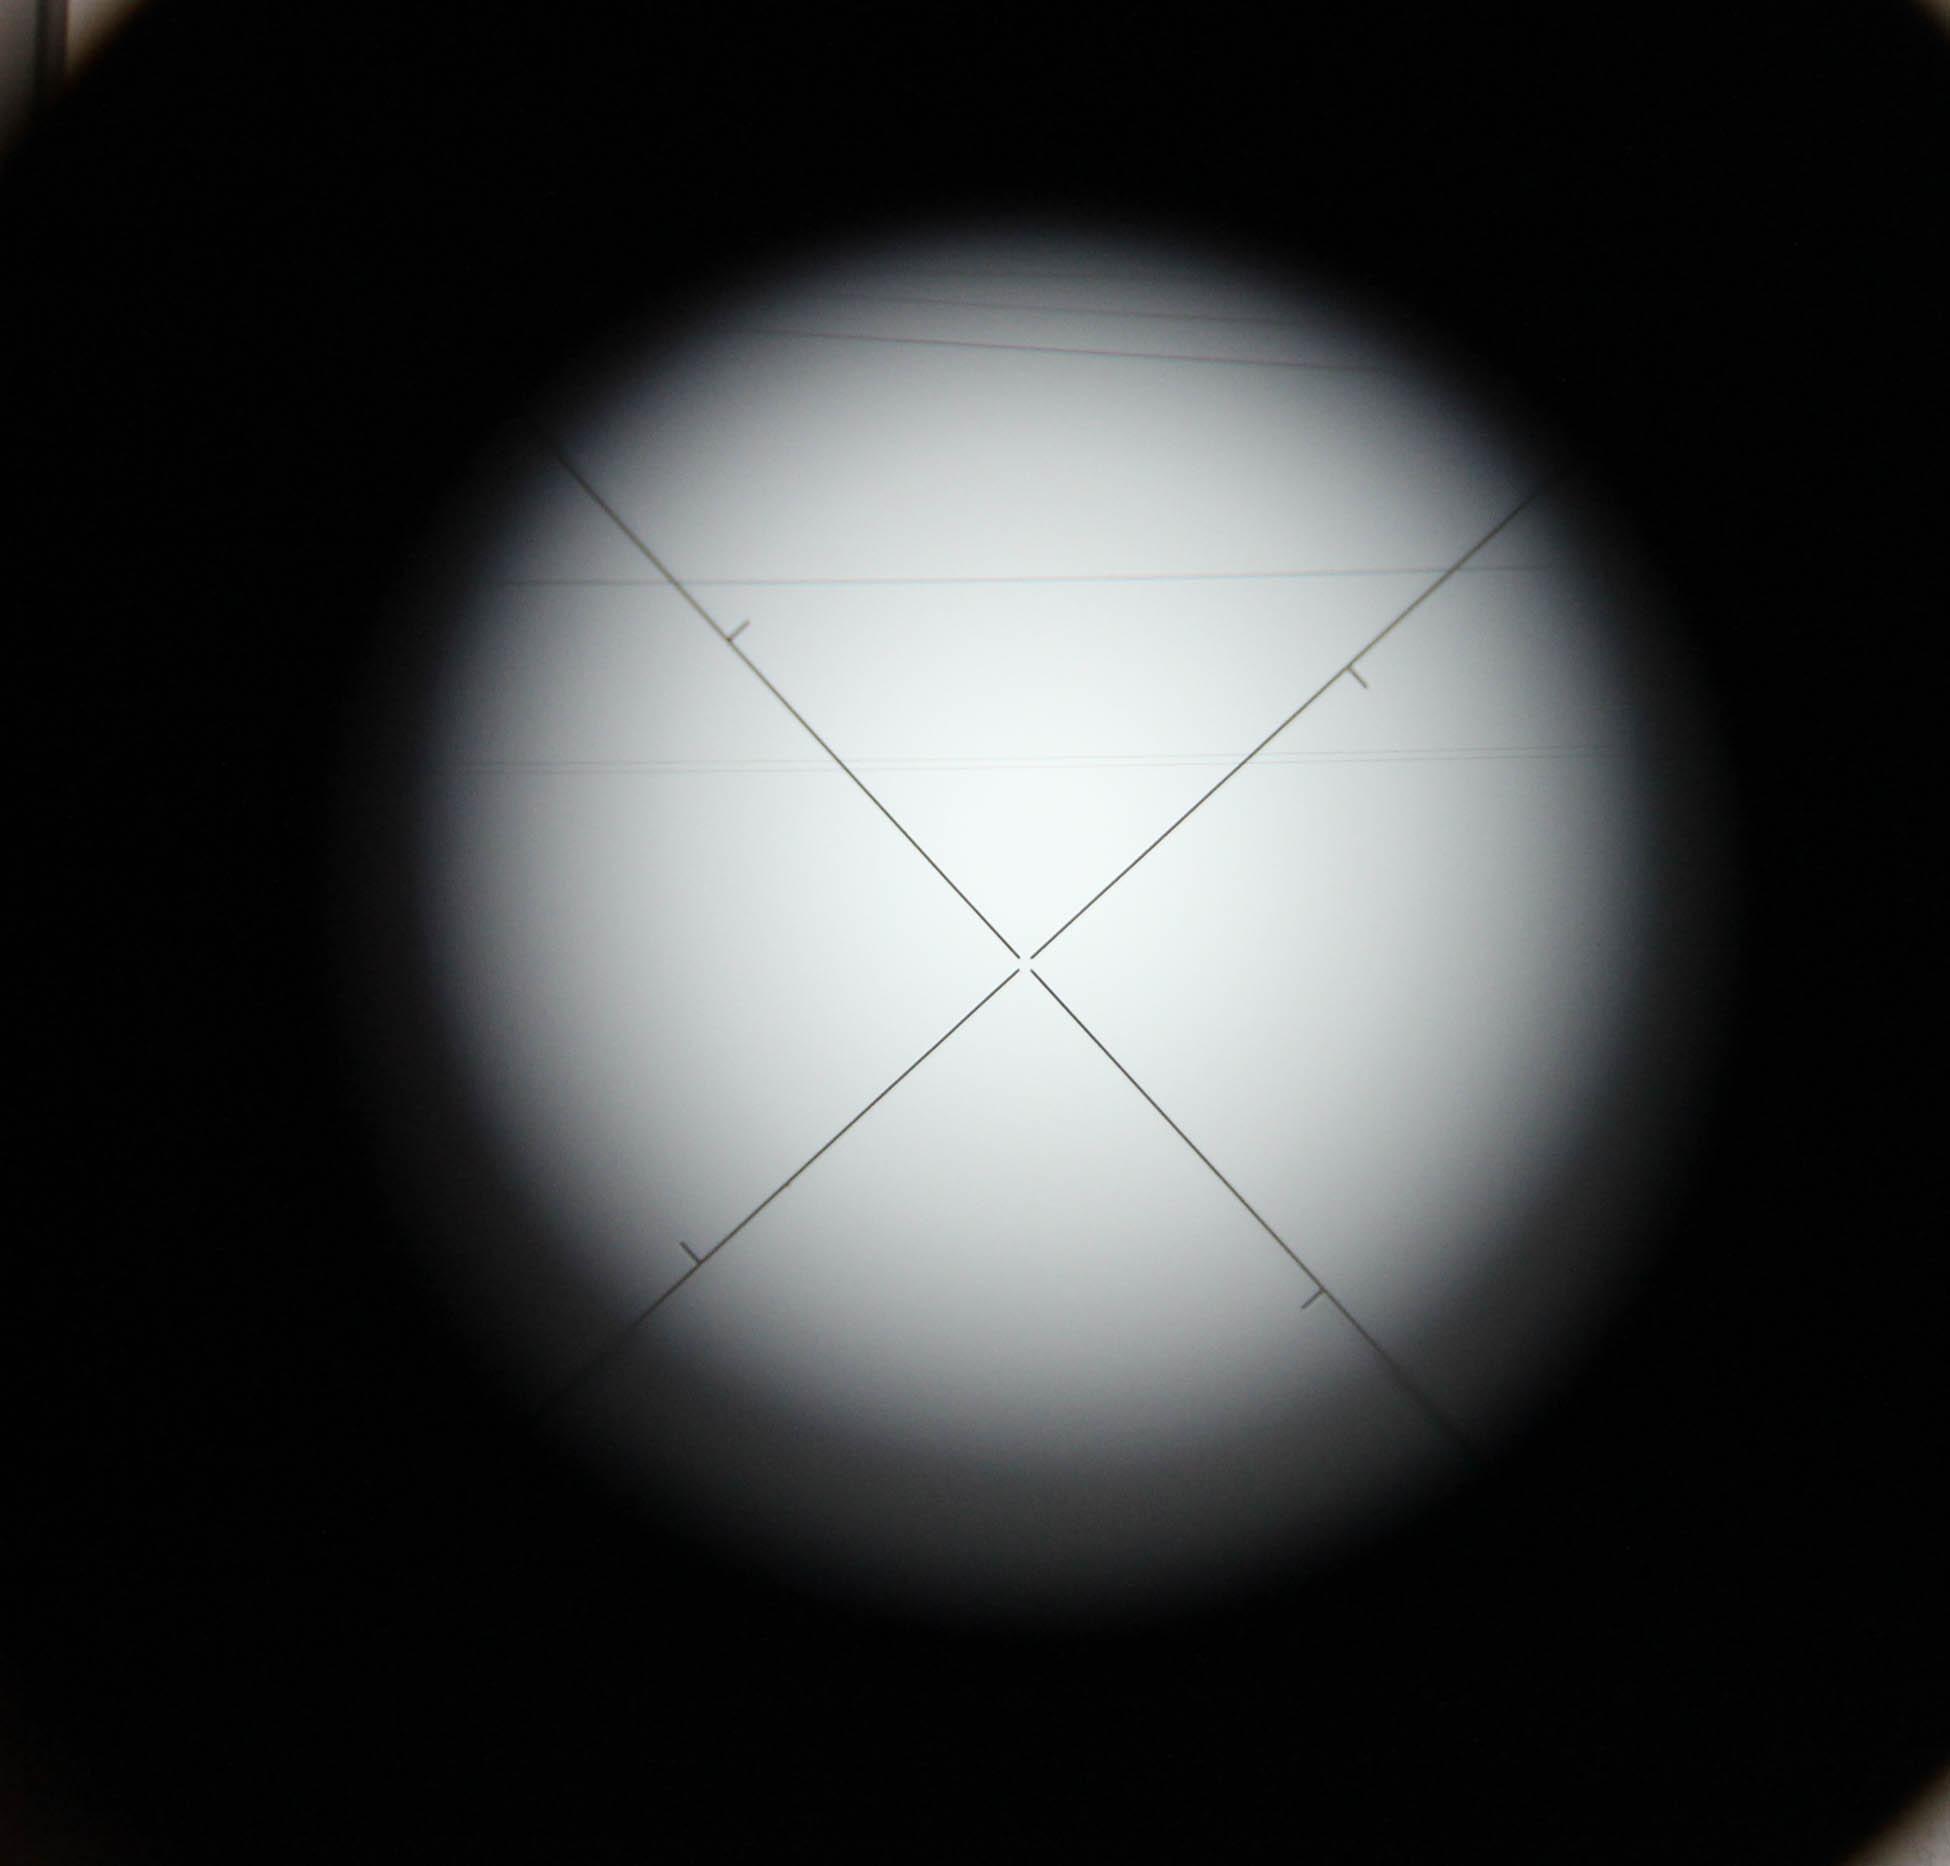 9.jpg.7e43d9584f01652735d1e71c2f331385.jpg